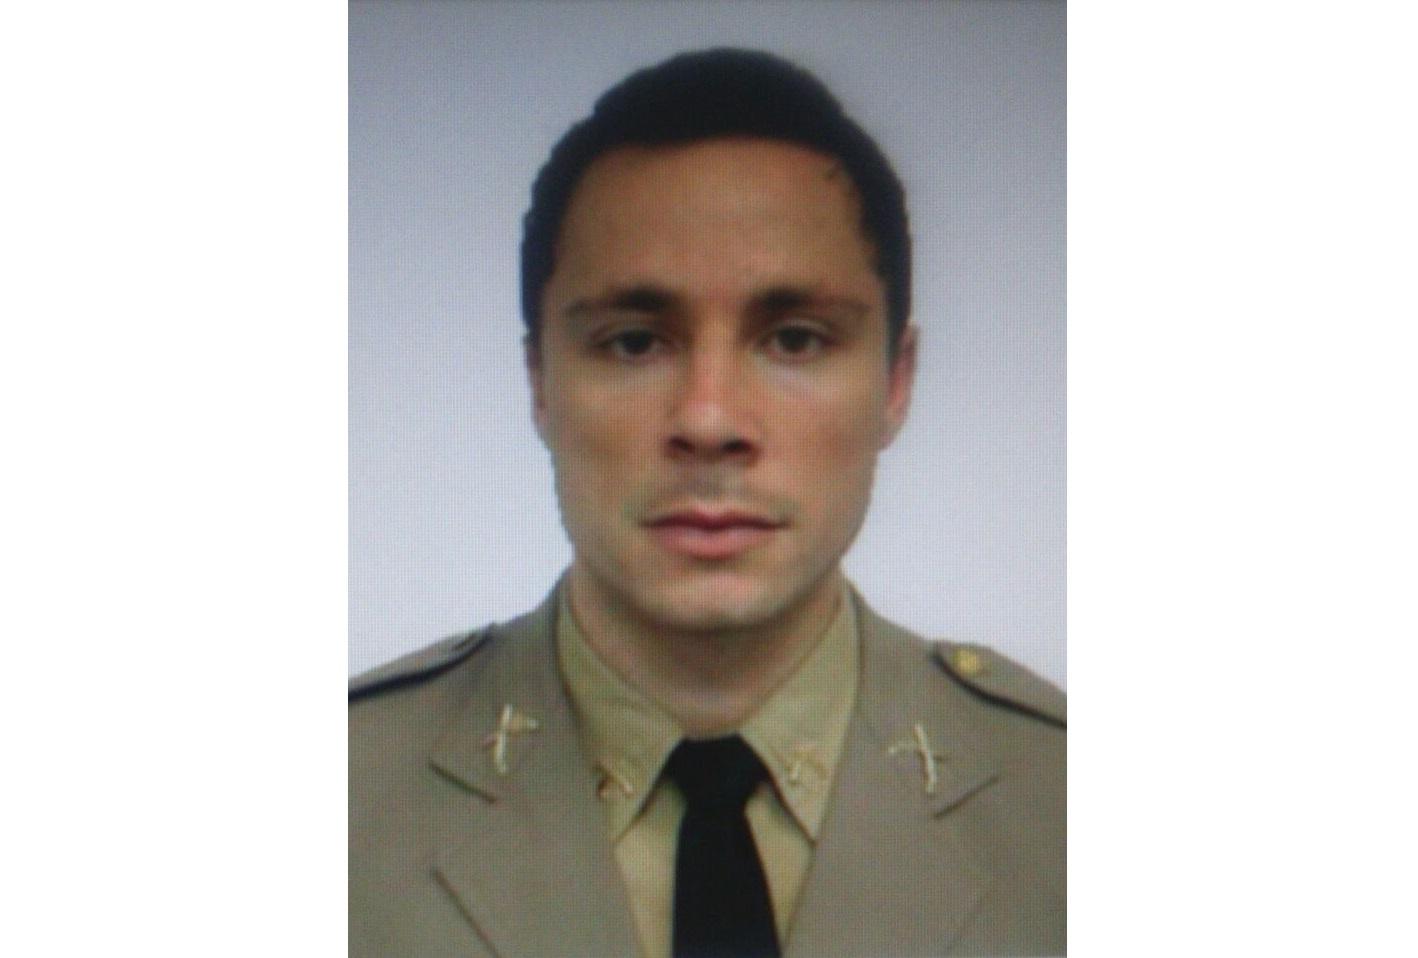 Comandante-geral da Brigada Militar faz desabafo após morte de soldado Brigada Militar / Divulgação/Divulgação